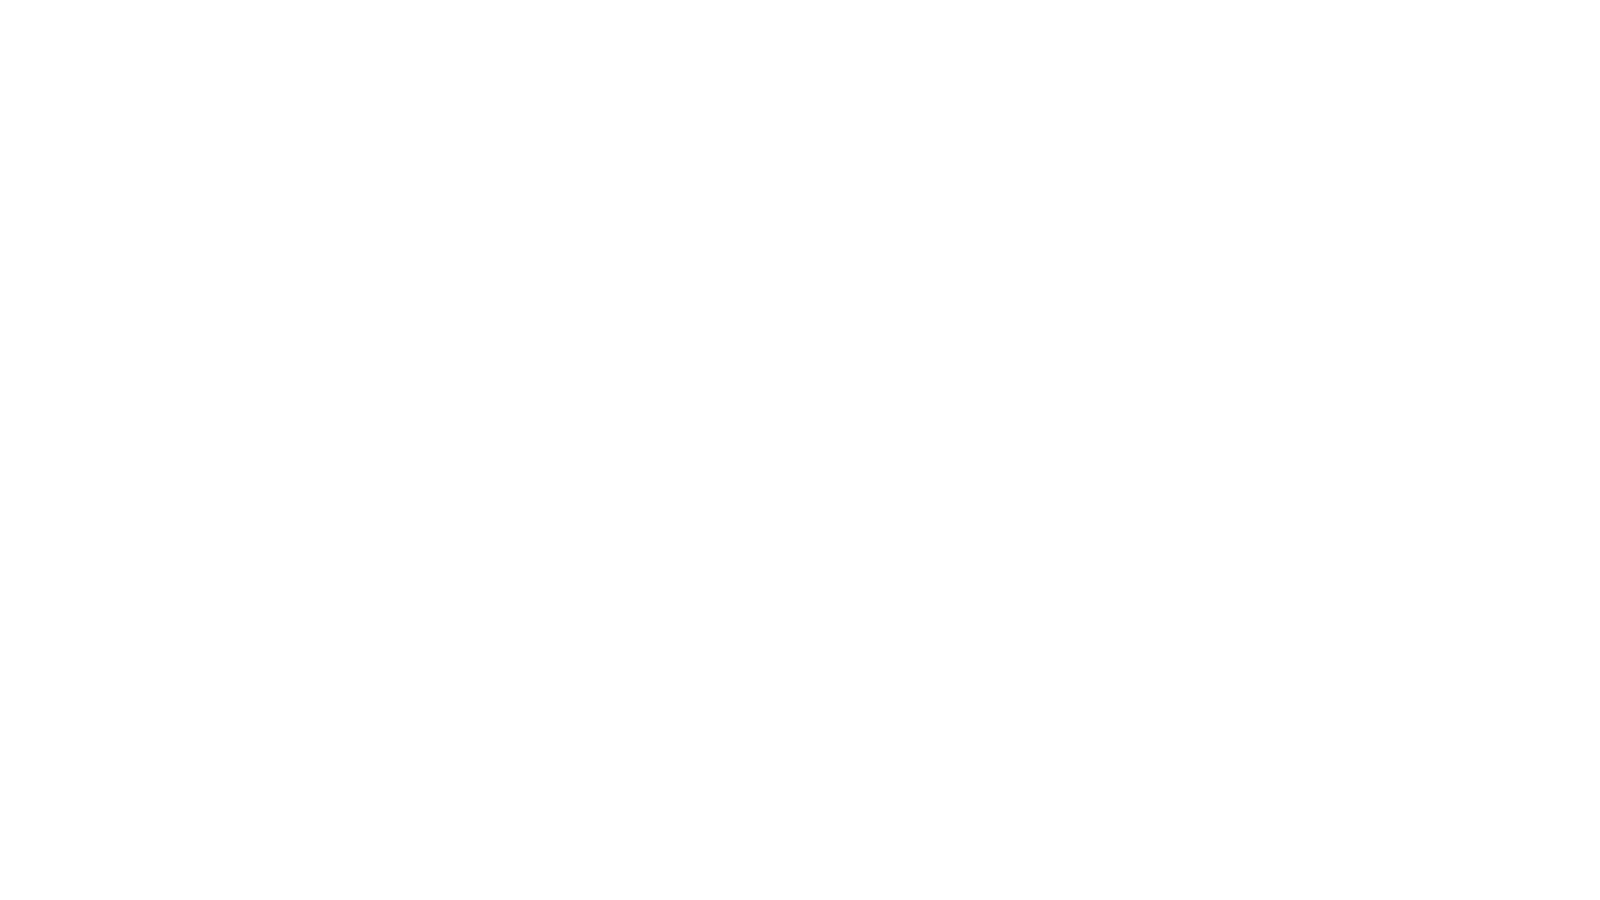 I Ciclo de Encontros Formativos e Informativos Roda de conversa II: Diversidade de microalgas e qualidade da água em lagoas de Teixeira de Freitas 01 de julho às 19h  Convidados: Profa. Drª Alana Santos Discentes: Beatriz Caires e                    Danilo Sampaio Mediação: Prof. Dr. João Botton